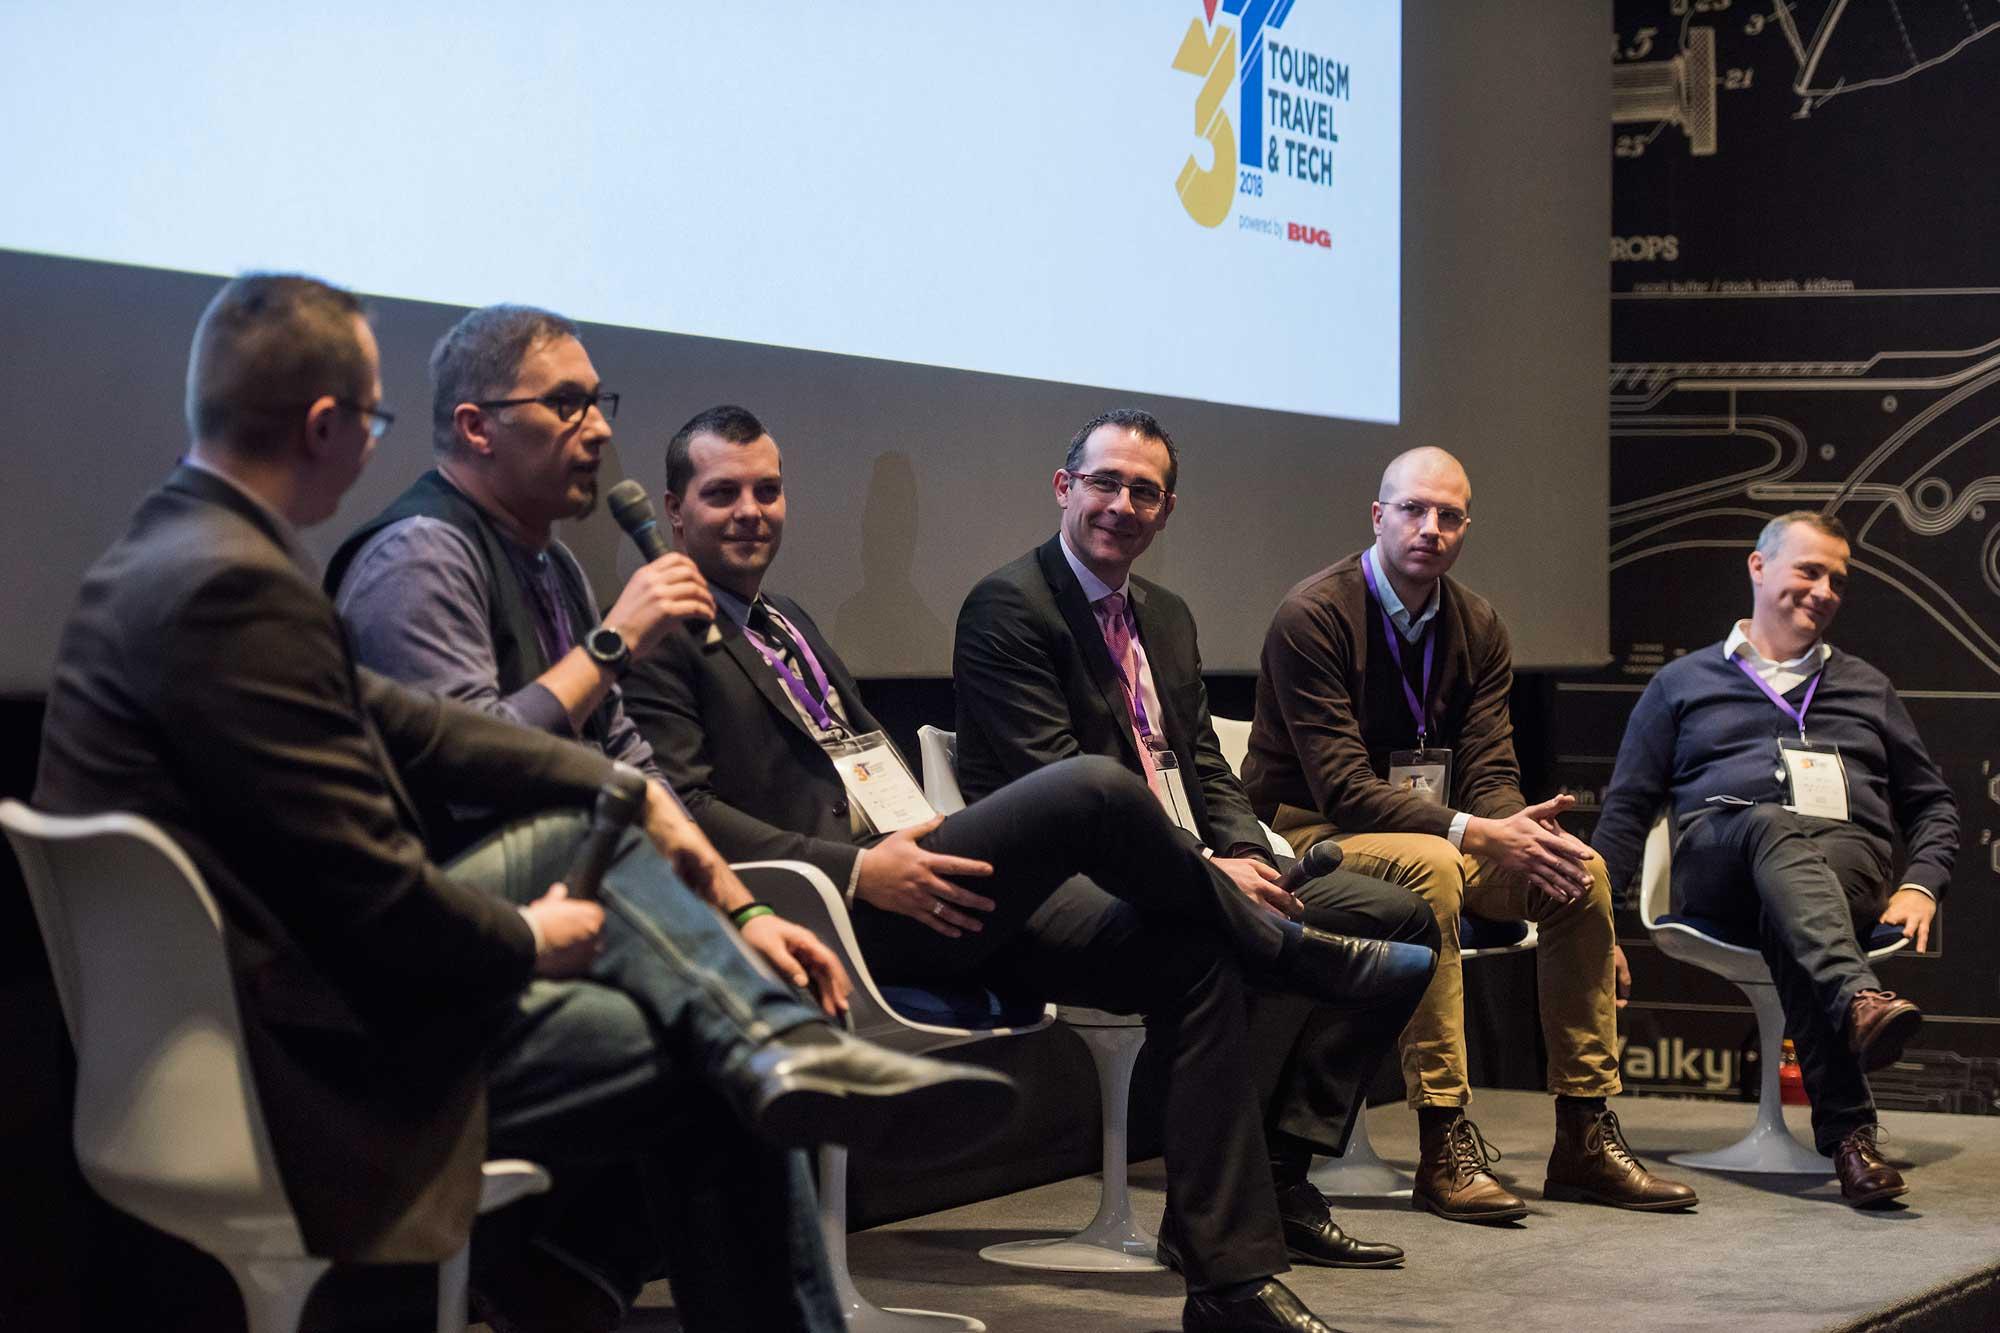 3T: Tourism, Travel & Tech konferencija - panel Kako tehnologijom riješiti sezonalnost u turizmu